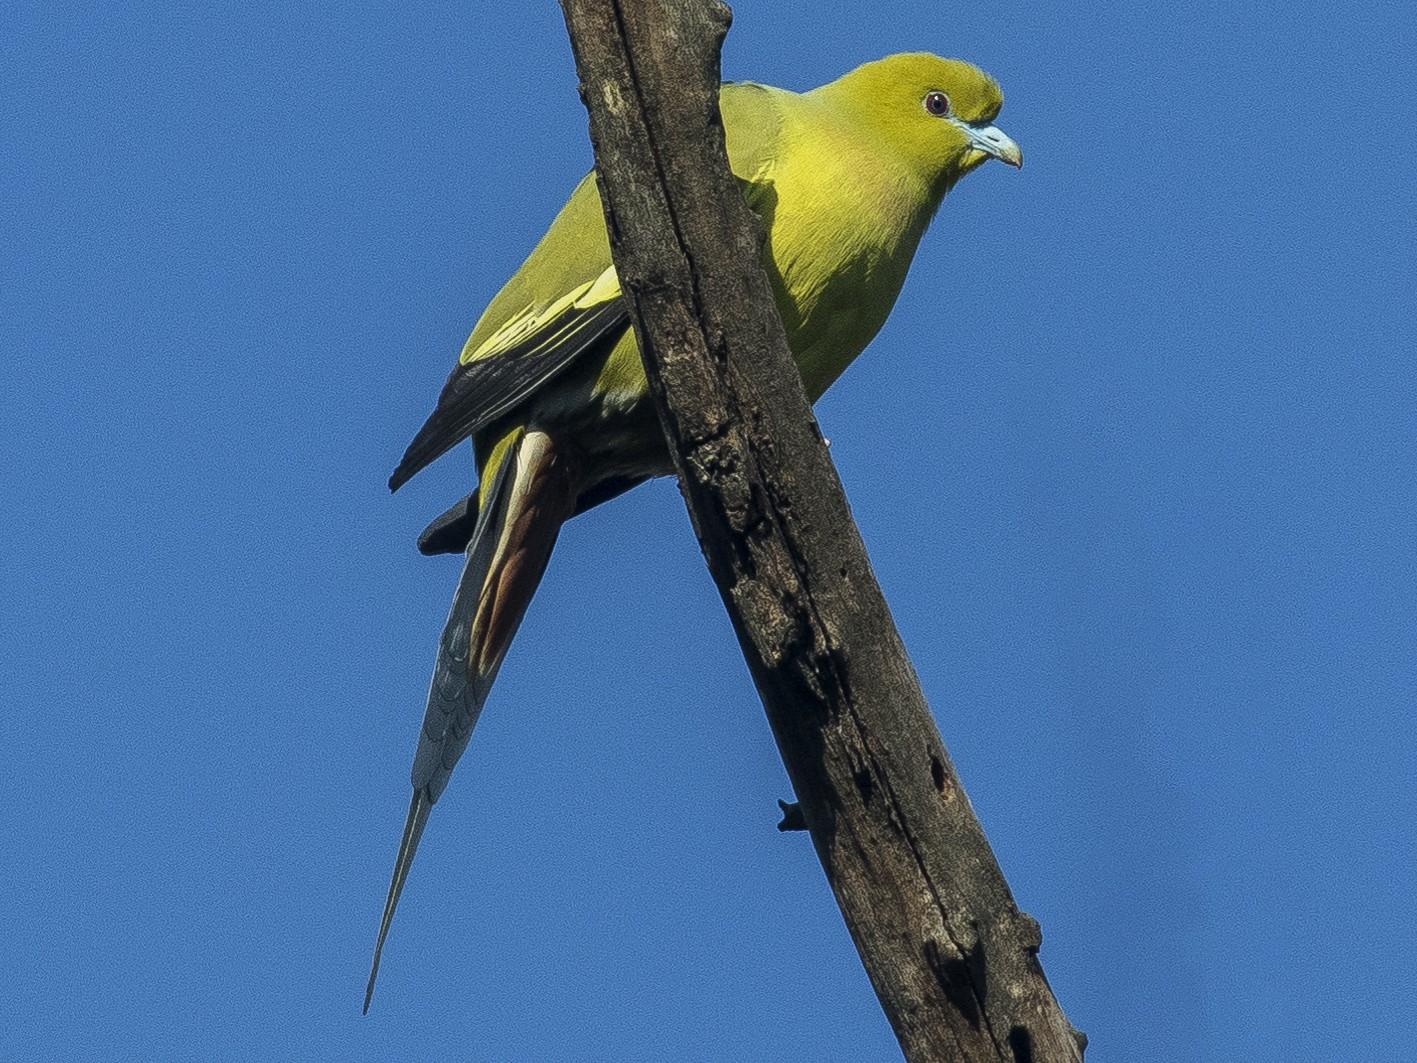 Pin-tailed Green-Pigeon - Mukesh  Sehgal